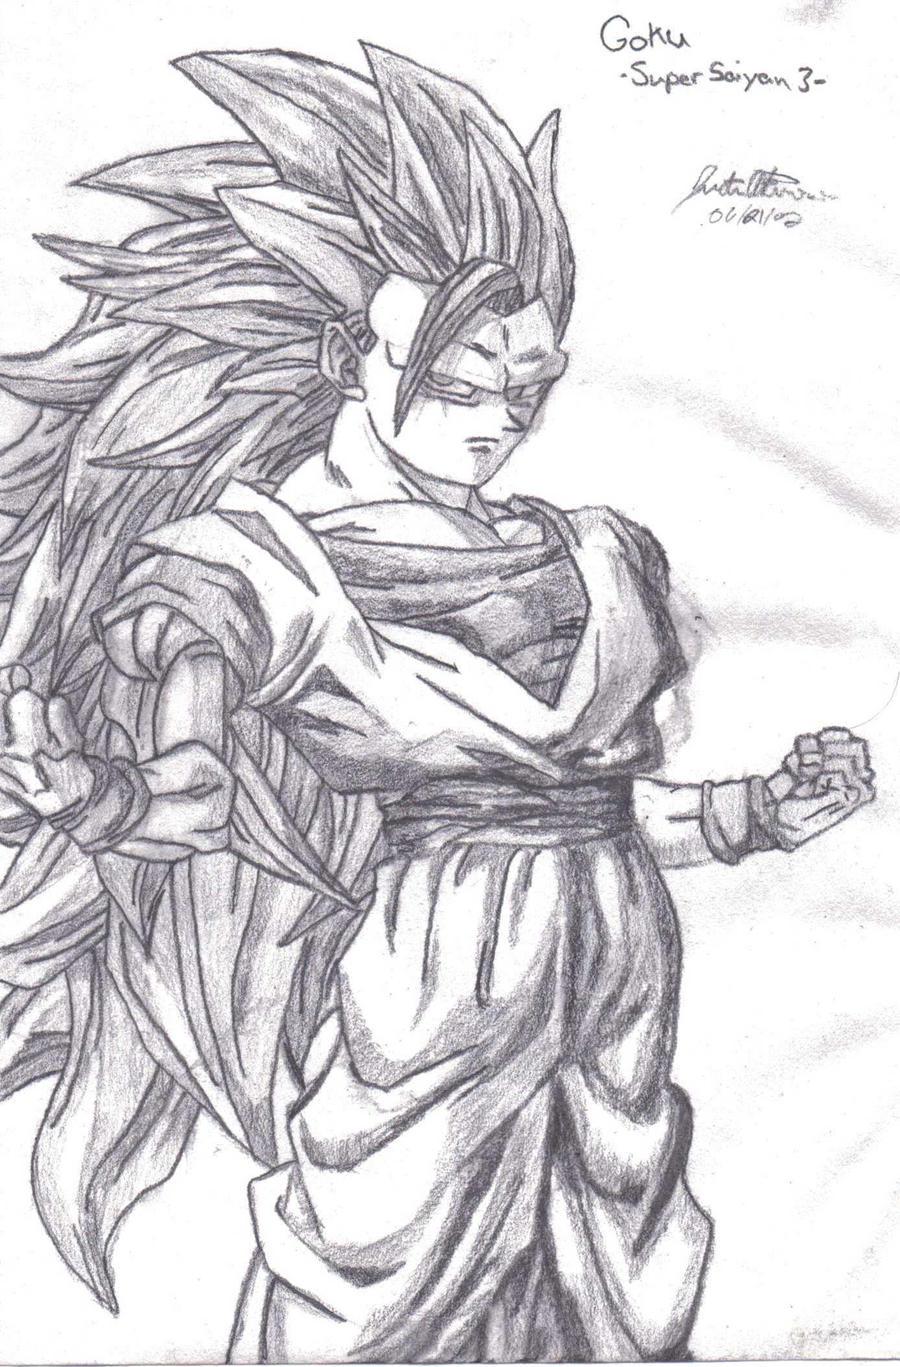 Super Saiyan 3 Goku by Caedus6685 on DeviantArt